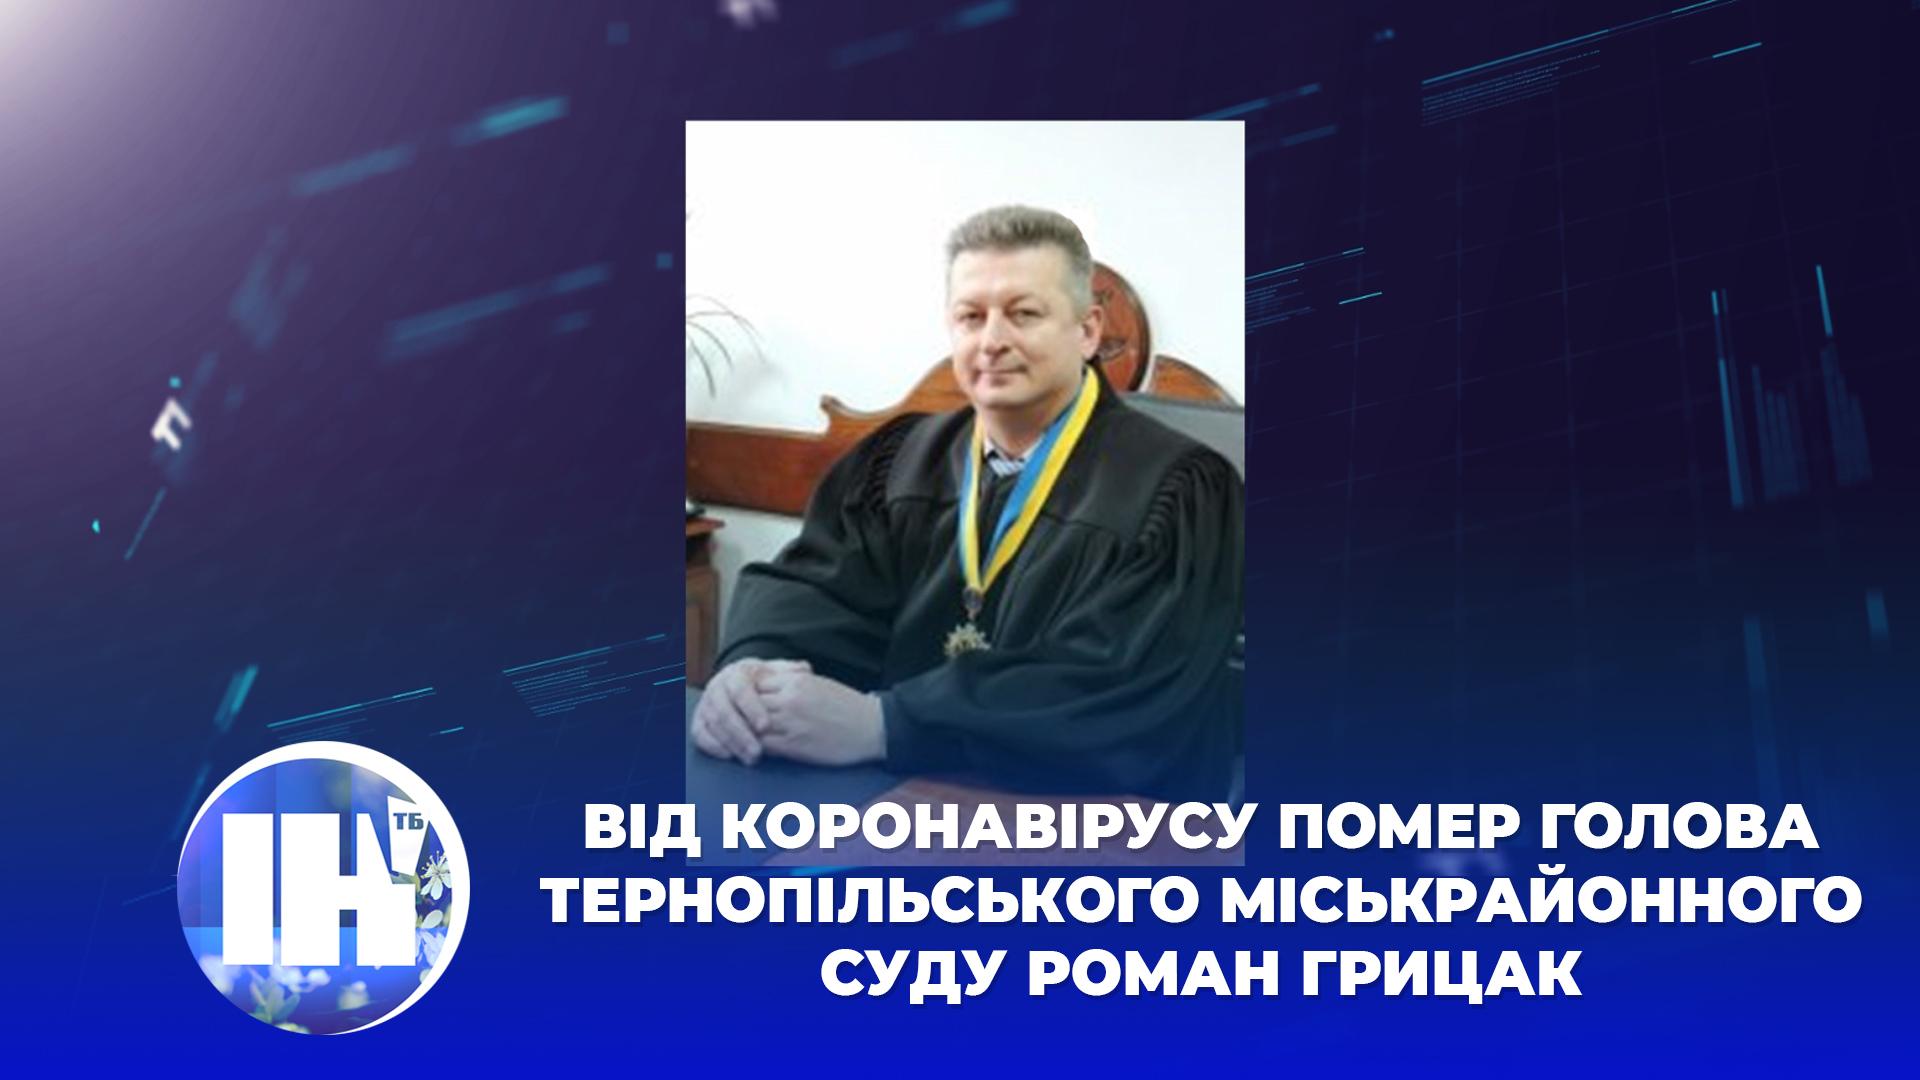 Від коронавірусу помер голова Тернопільського міськрайонного суду Роман Грицак